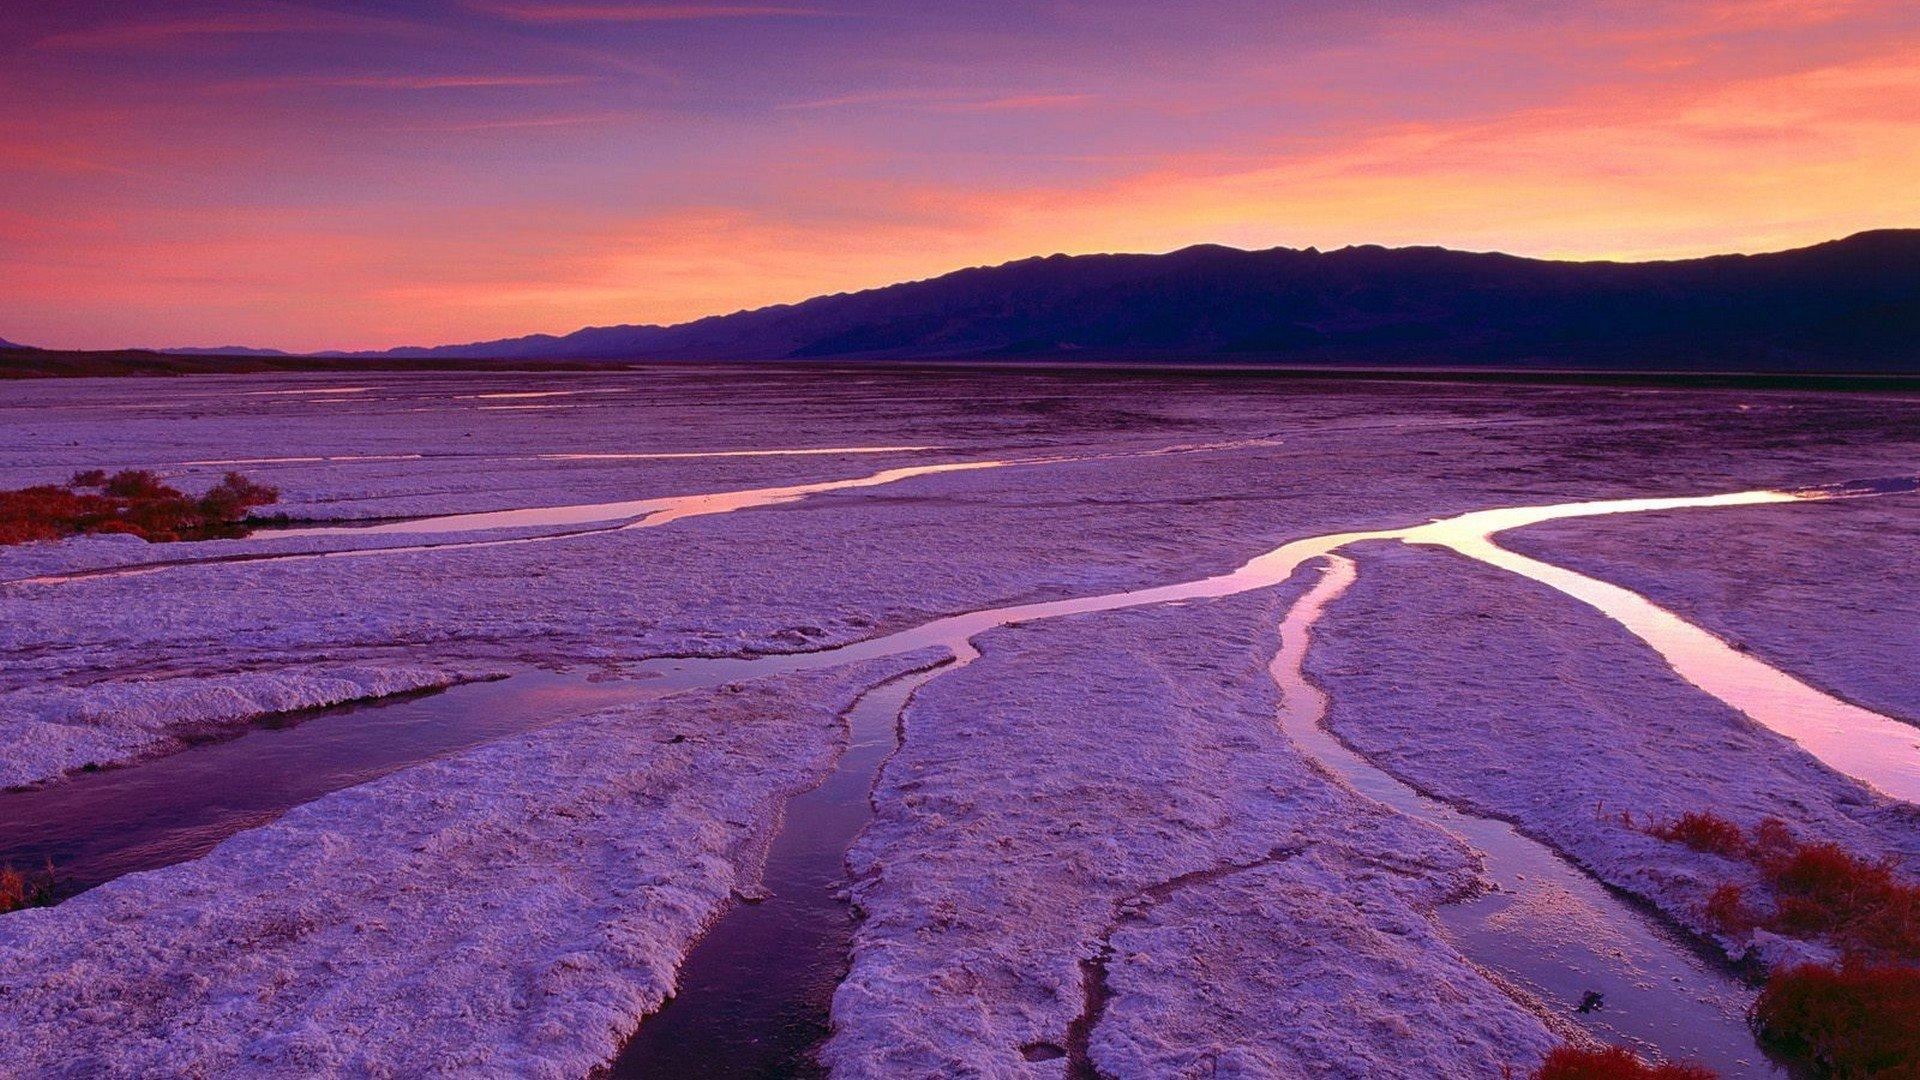 Sunset mountains California Death Valley salt flats wallpaper 1920x1080